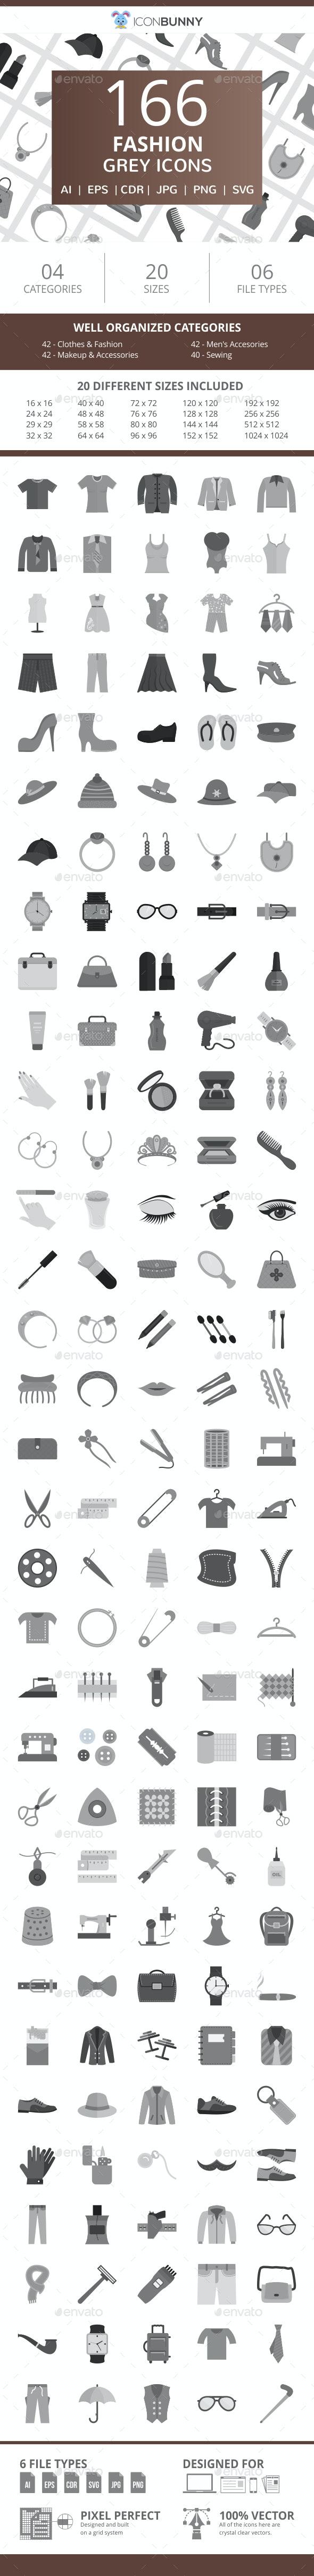 166 Fashion Flat Greyscale Icons - Icons